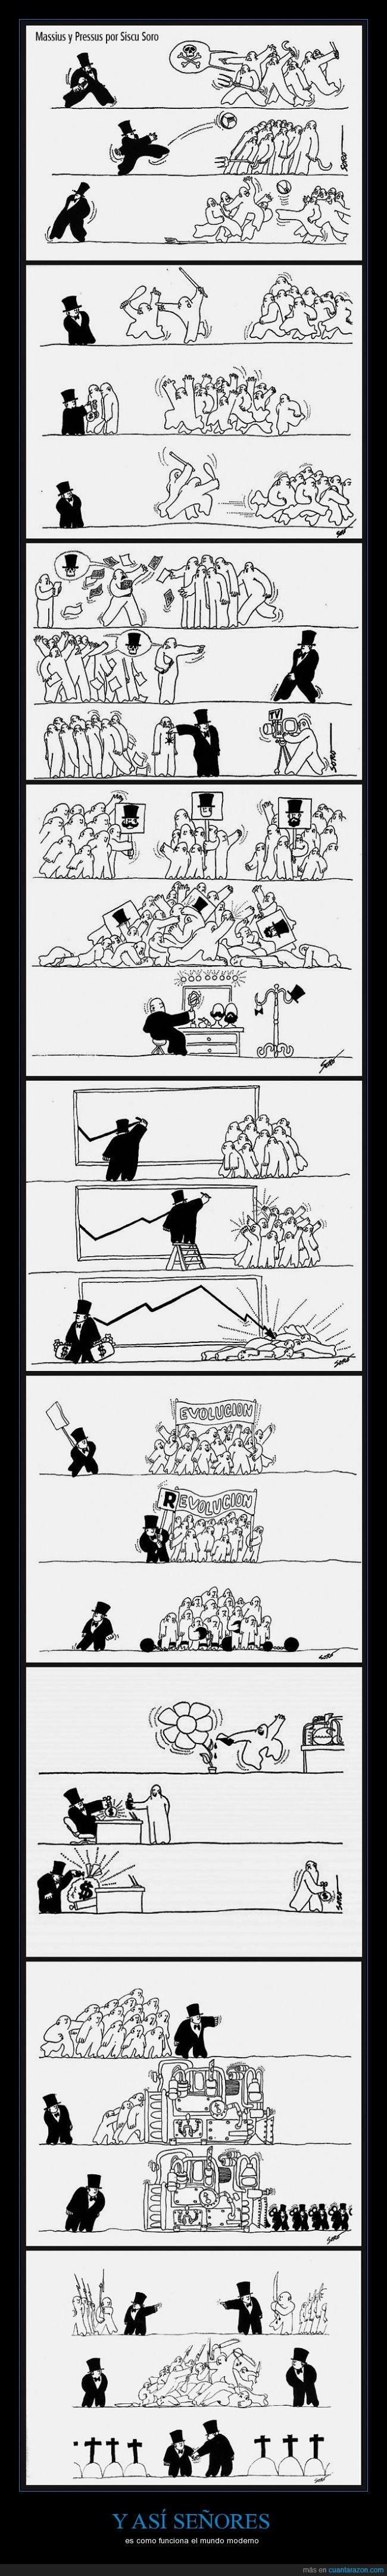 adinerado,capitalismo,comic,dinero,empresario,enfrentado,engañar,funcionamiento,lucha,mundo,politica,pueblo